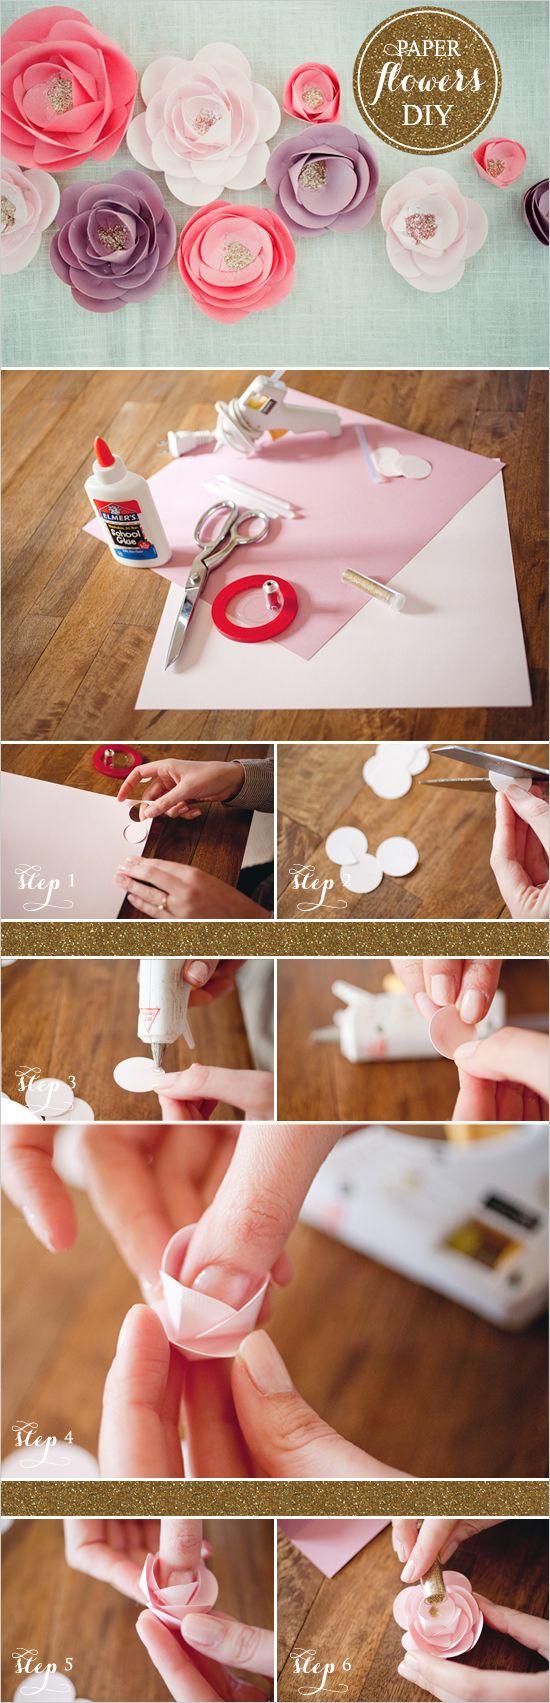 http://www.weddingchicks.com/2012/02/08/how-to-make-paper-flowers/